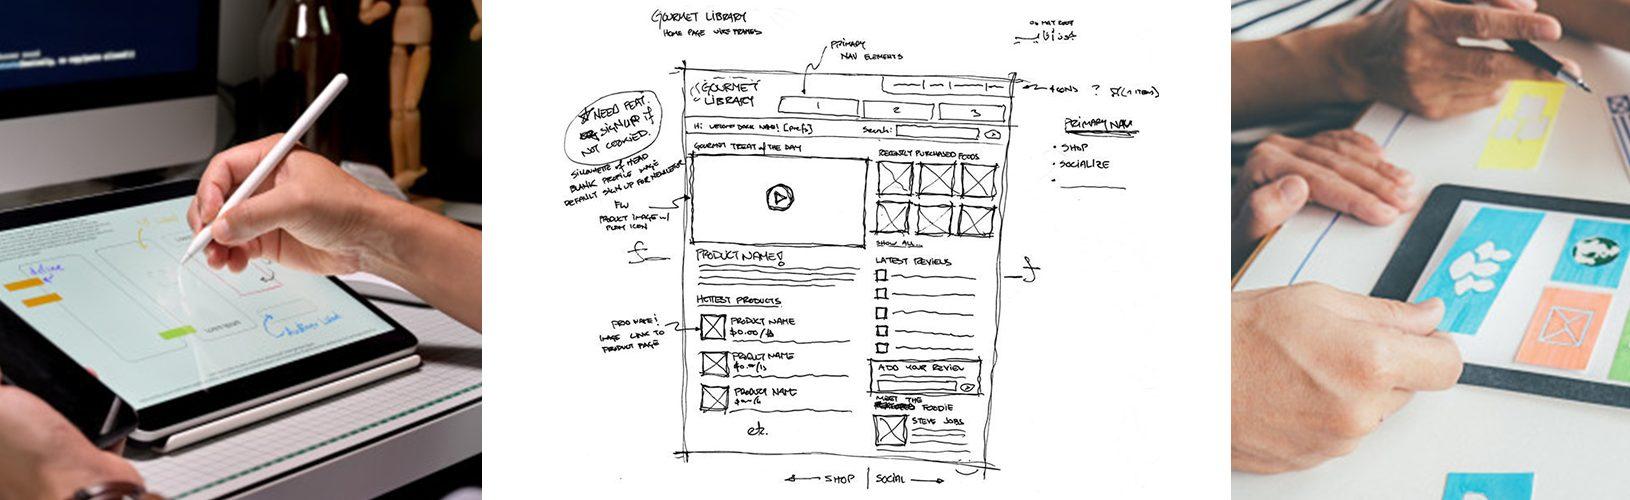 Formation Alternance en UX Design et UI Design numérique Paris - Ecole Com'Art Design